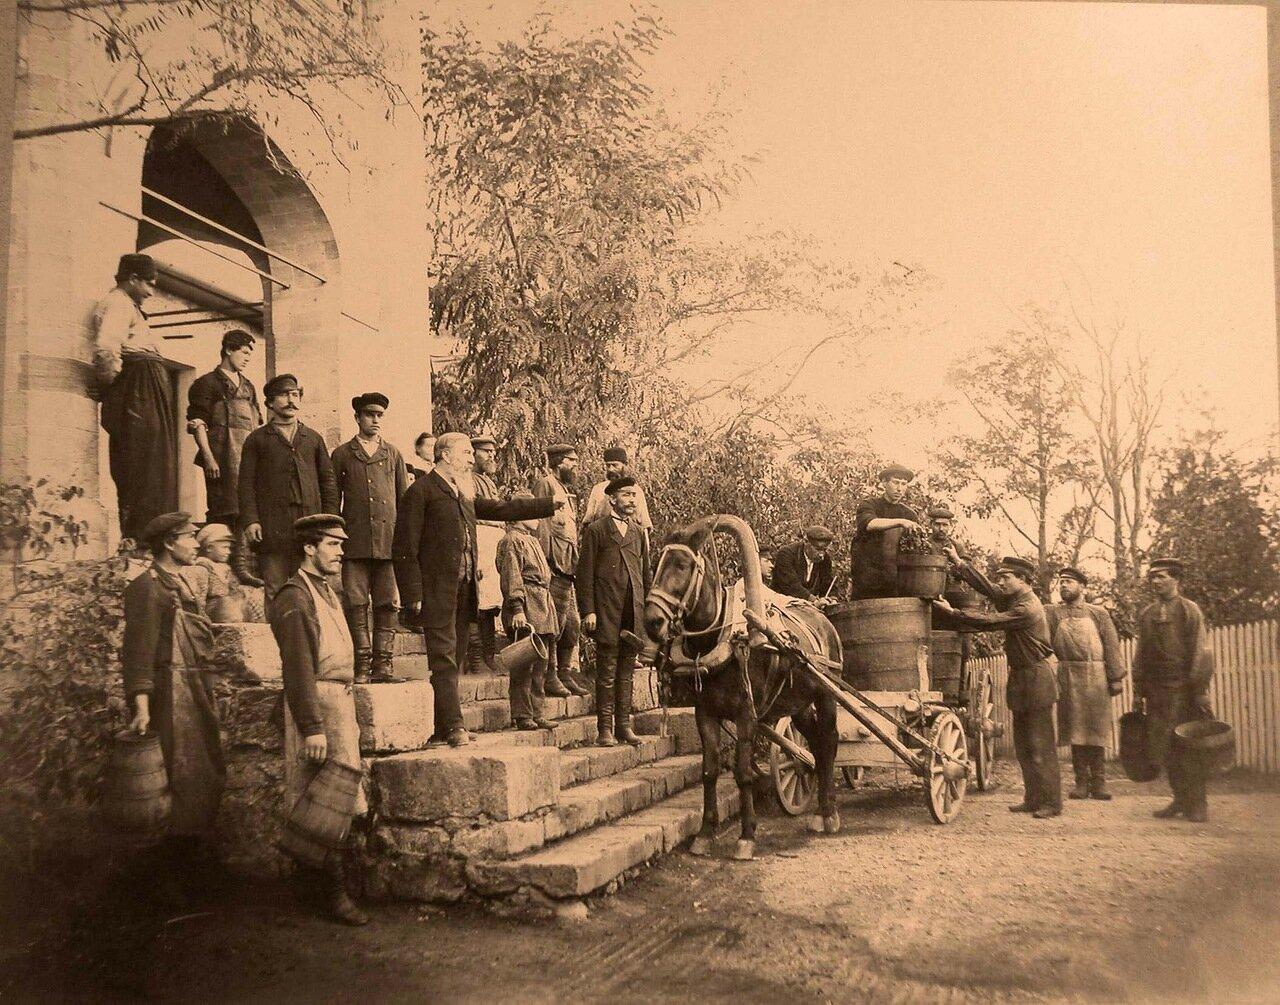 48. Ялта. Группа местных жителей - работников фермы за разгрузкой урожая винограда